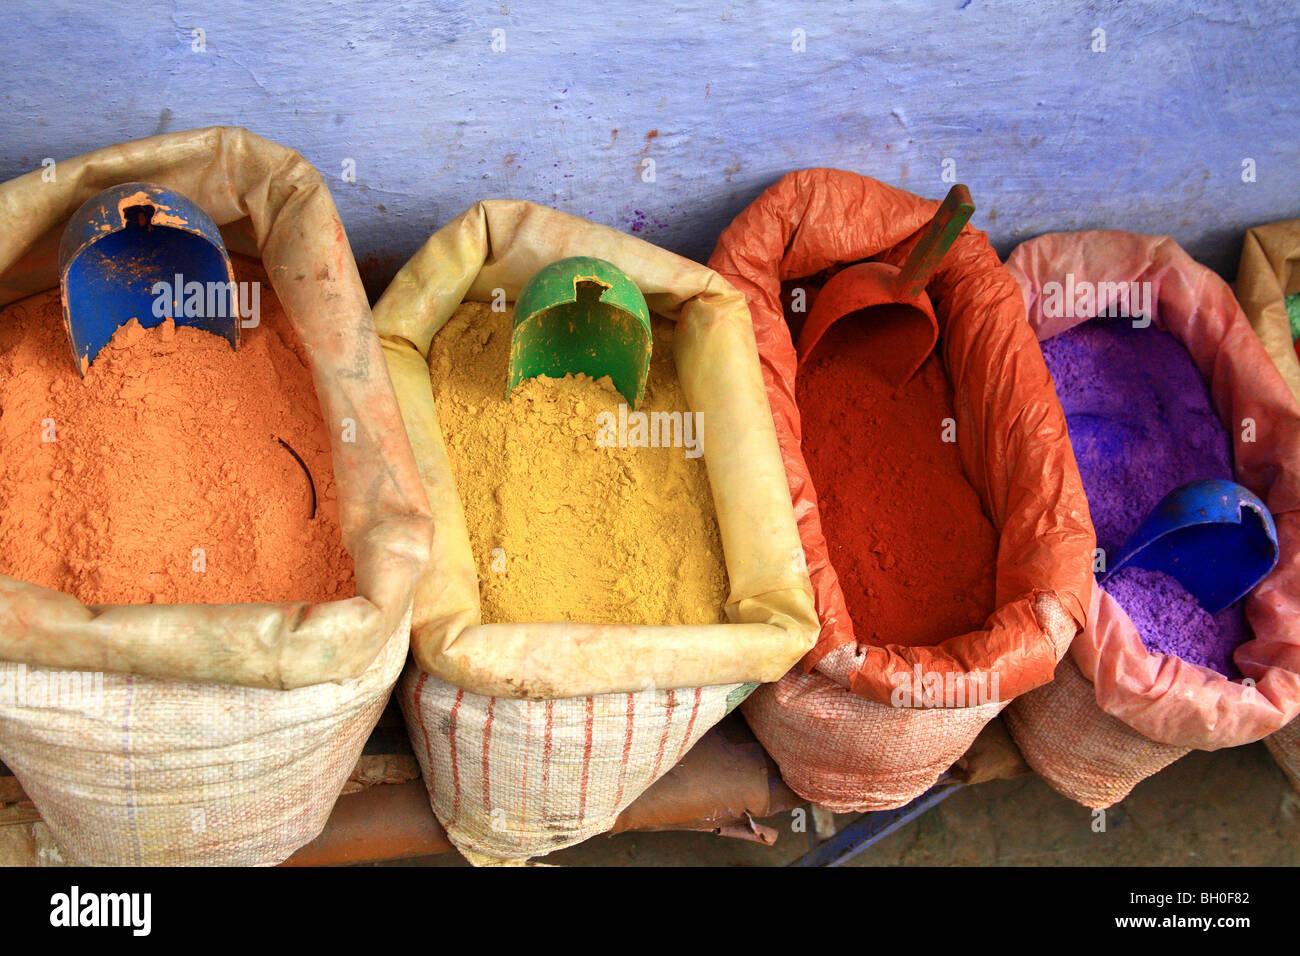 Los tintoreros de color para vender en el mercado abierto en Chaouen, Marruecos Imagen De Stock